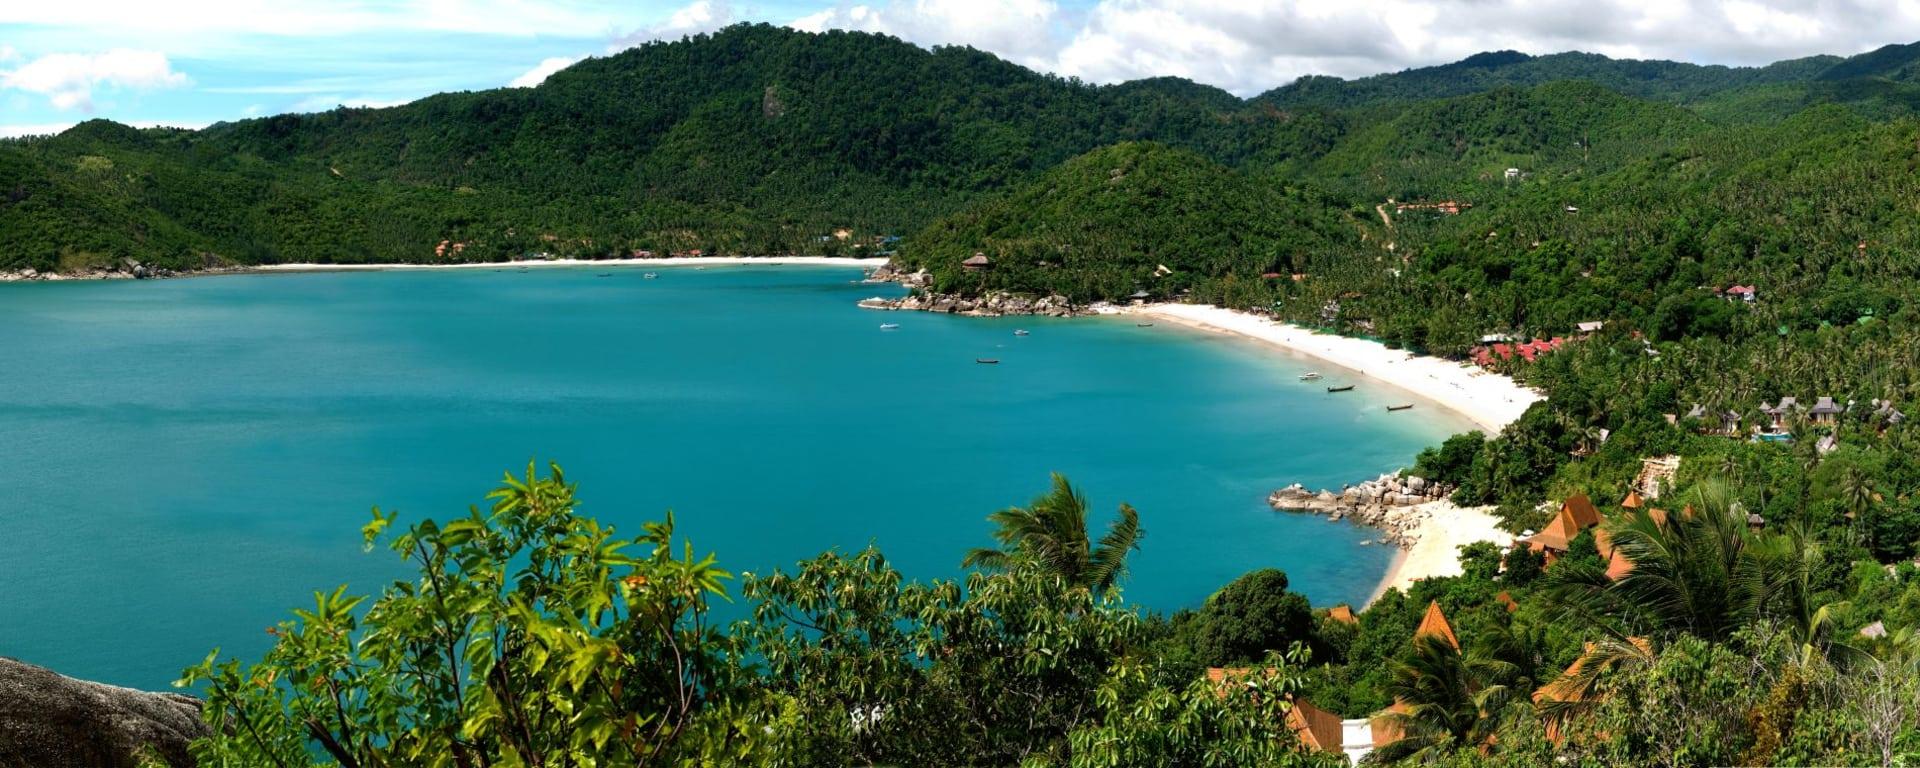 Santhiya Koh Phangan Resort & Spa in Ko Phangan: Thong Nai Pan Beach